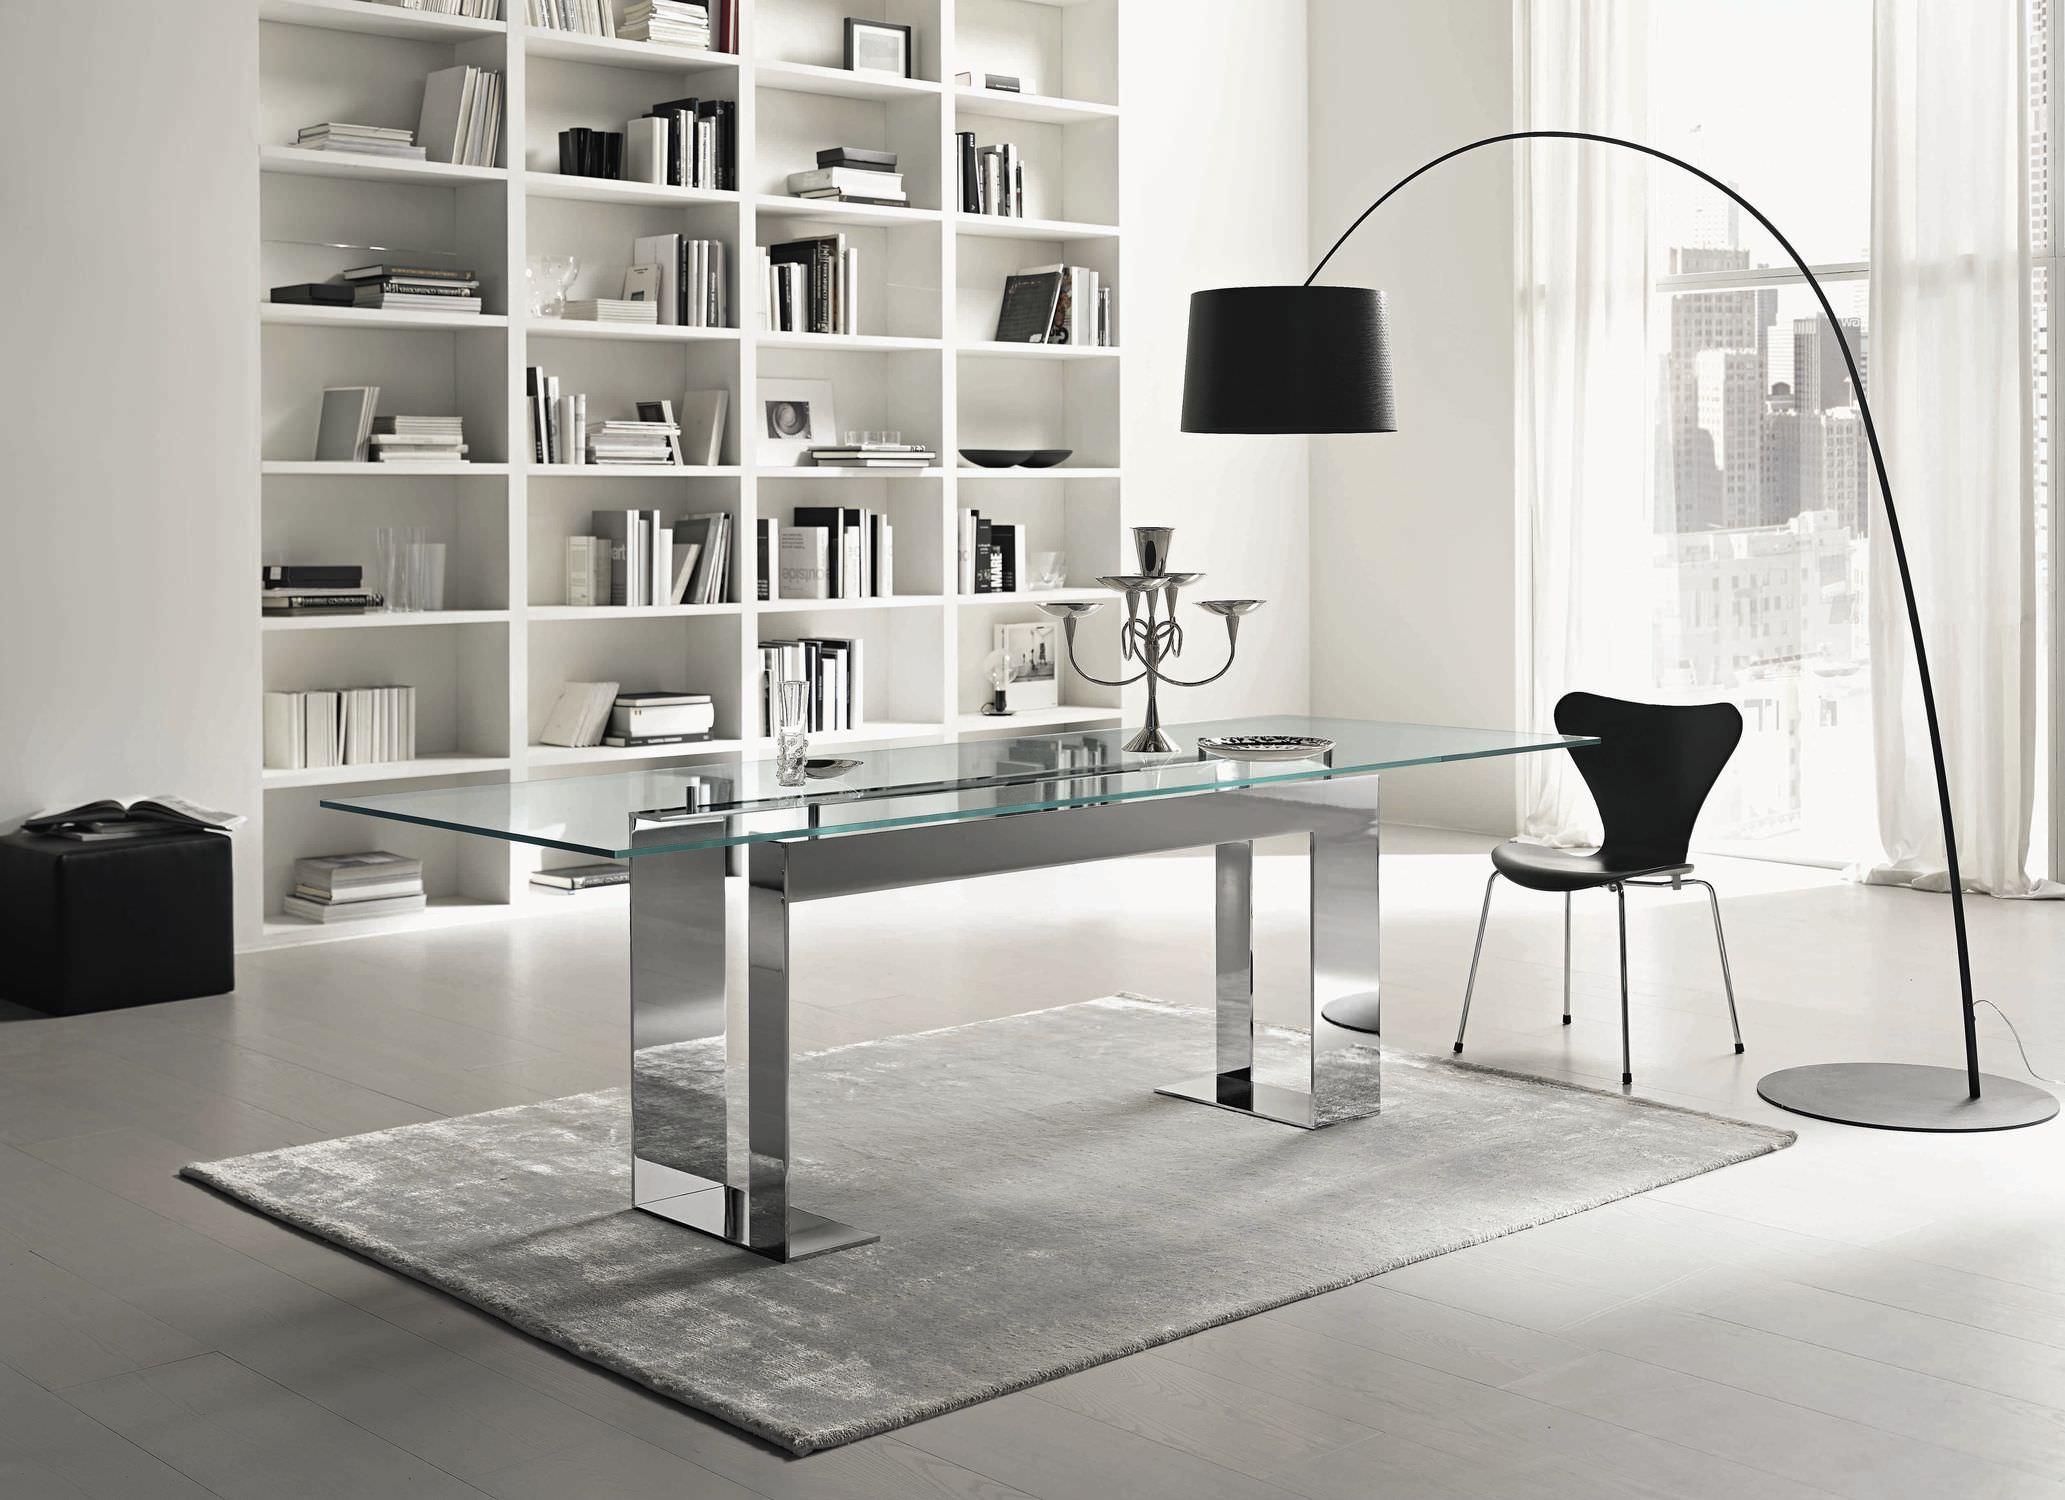 Interior Design Ideas The Best Interior Decorating And Design Tips